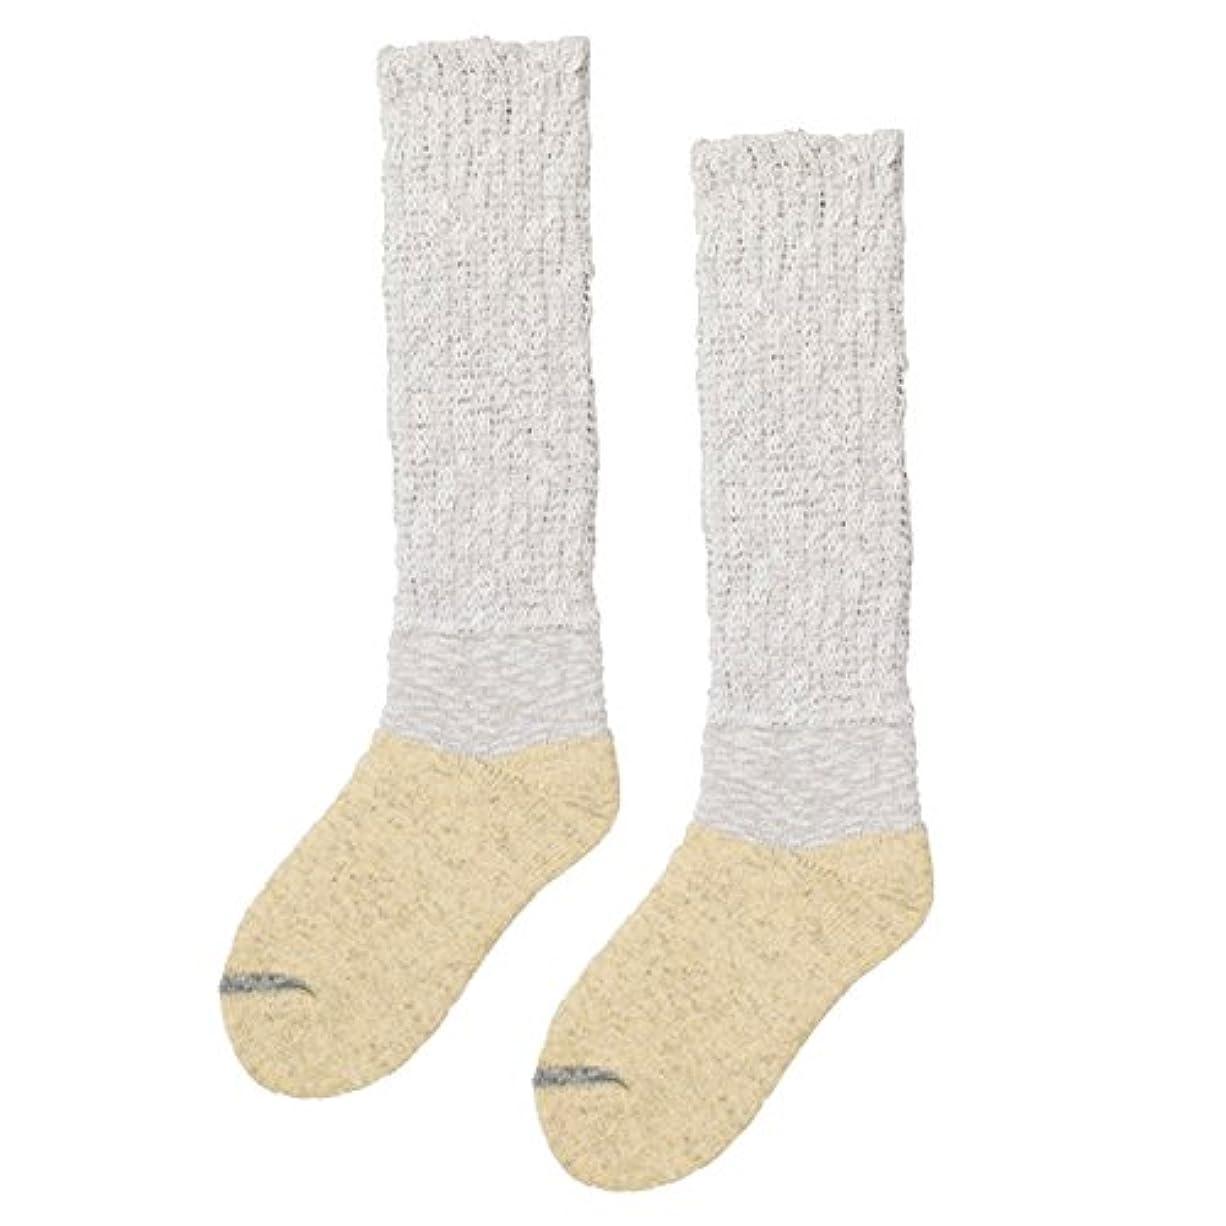 聡明バイソンポイント砂山靴下 Carelance(ケアランス) お風呂上りの靴下 膝下 8592CA-80 ベージュ